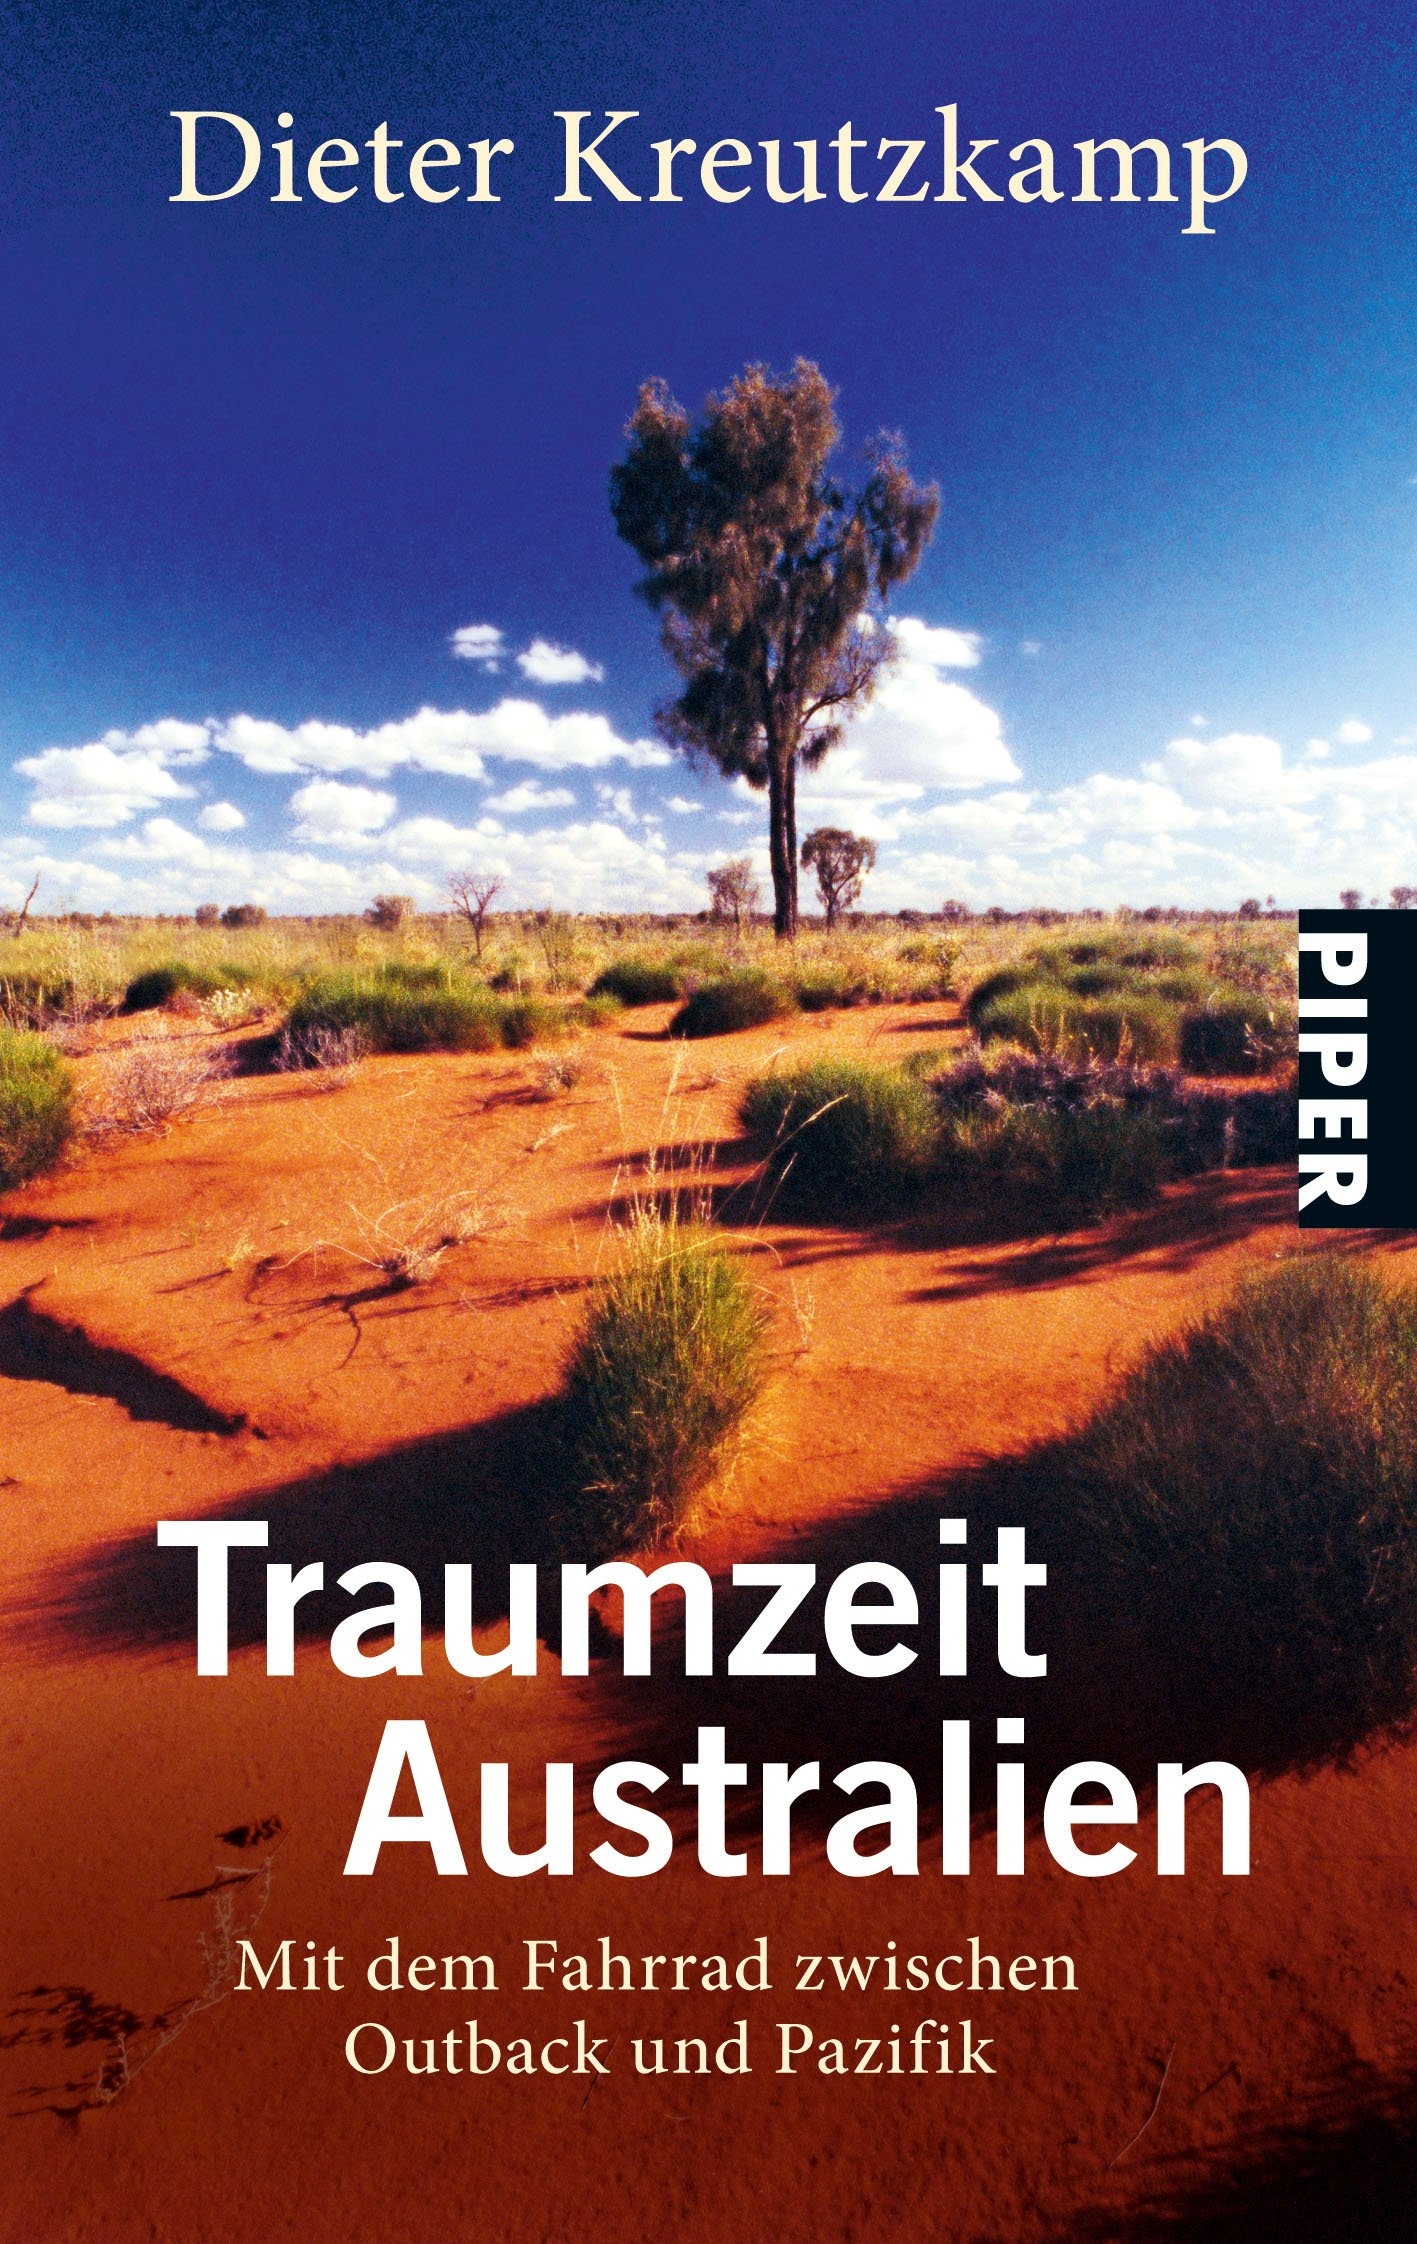 Traumzeit Australien: Mit dem Fahrrad zwischen Outback und Pazifik (Piper Taschenbuch, Band 26486)